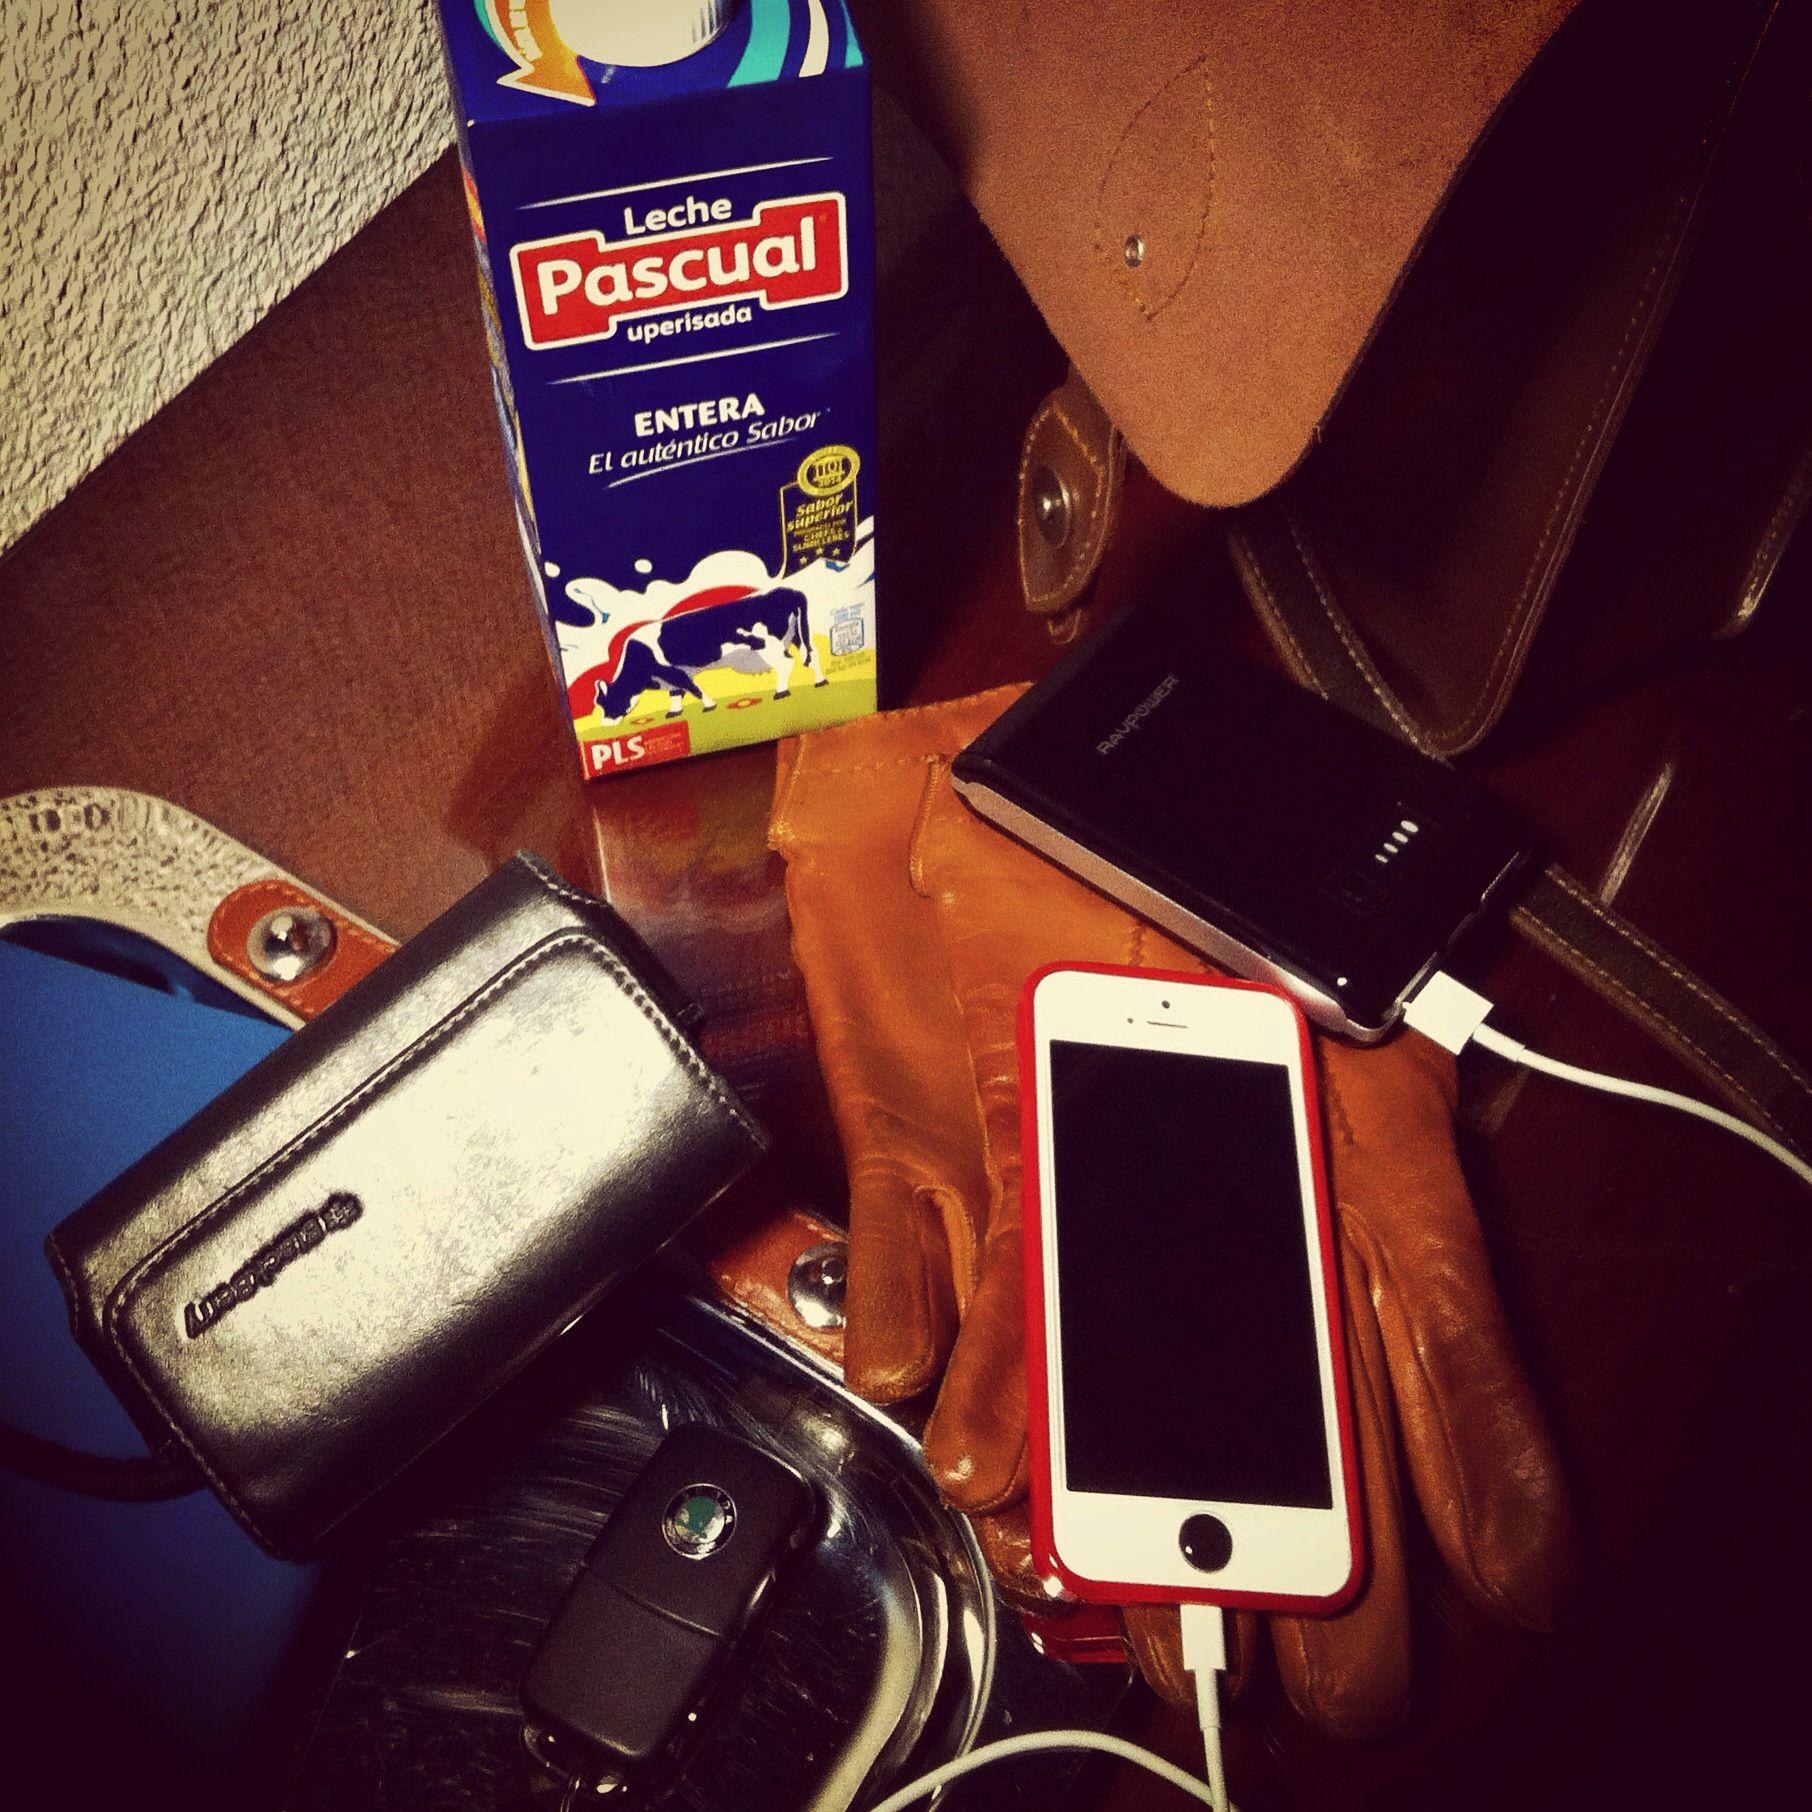 Nos preocupados de tener #batería en nuestros #devise , pero nos cuidamos ?? Un buen desayuno con #leche #pascual #milk y a por el día #lightning #chargingcable  #charge your #phone  #everywere by ##thebackpack  by #simbiosc #simbiosctv #ravpower #powerbank